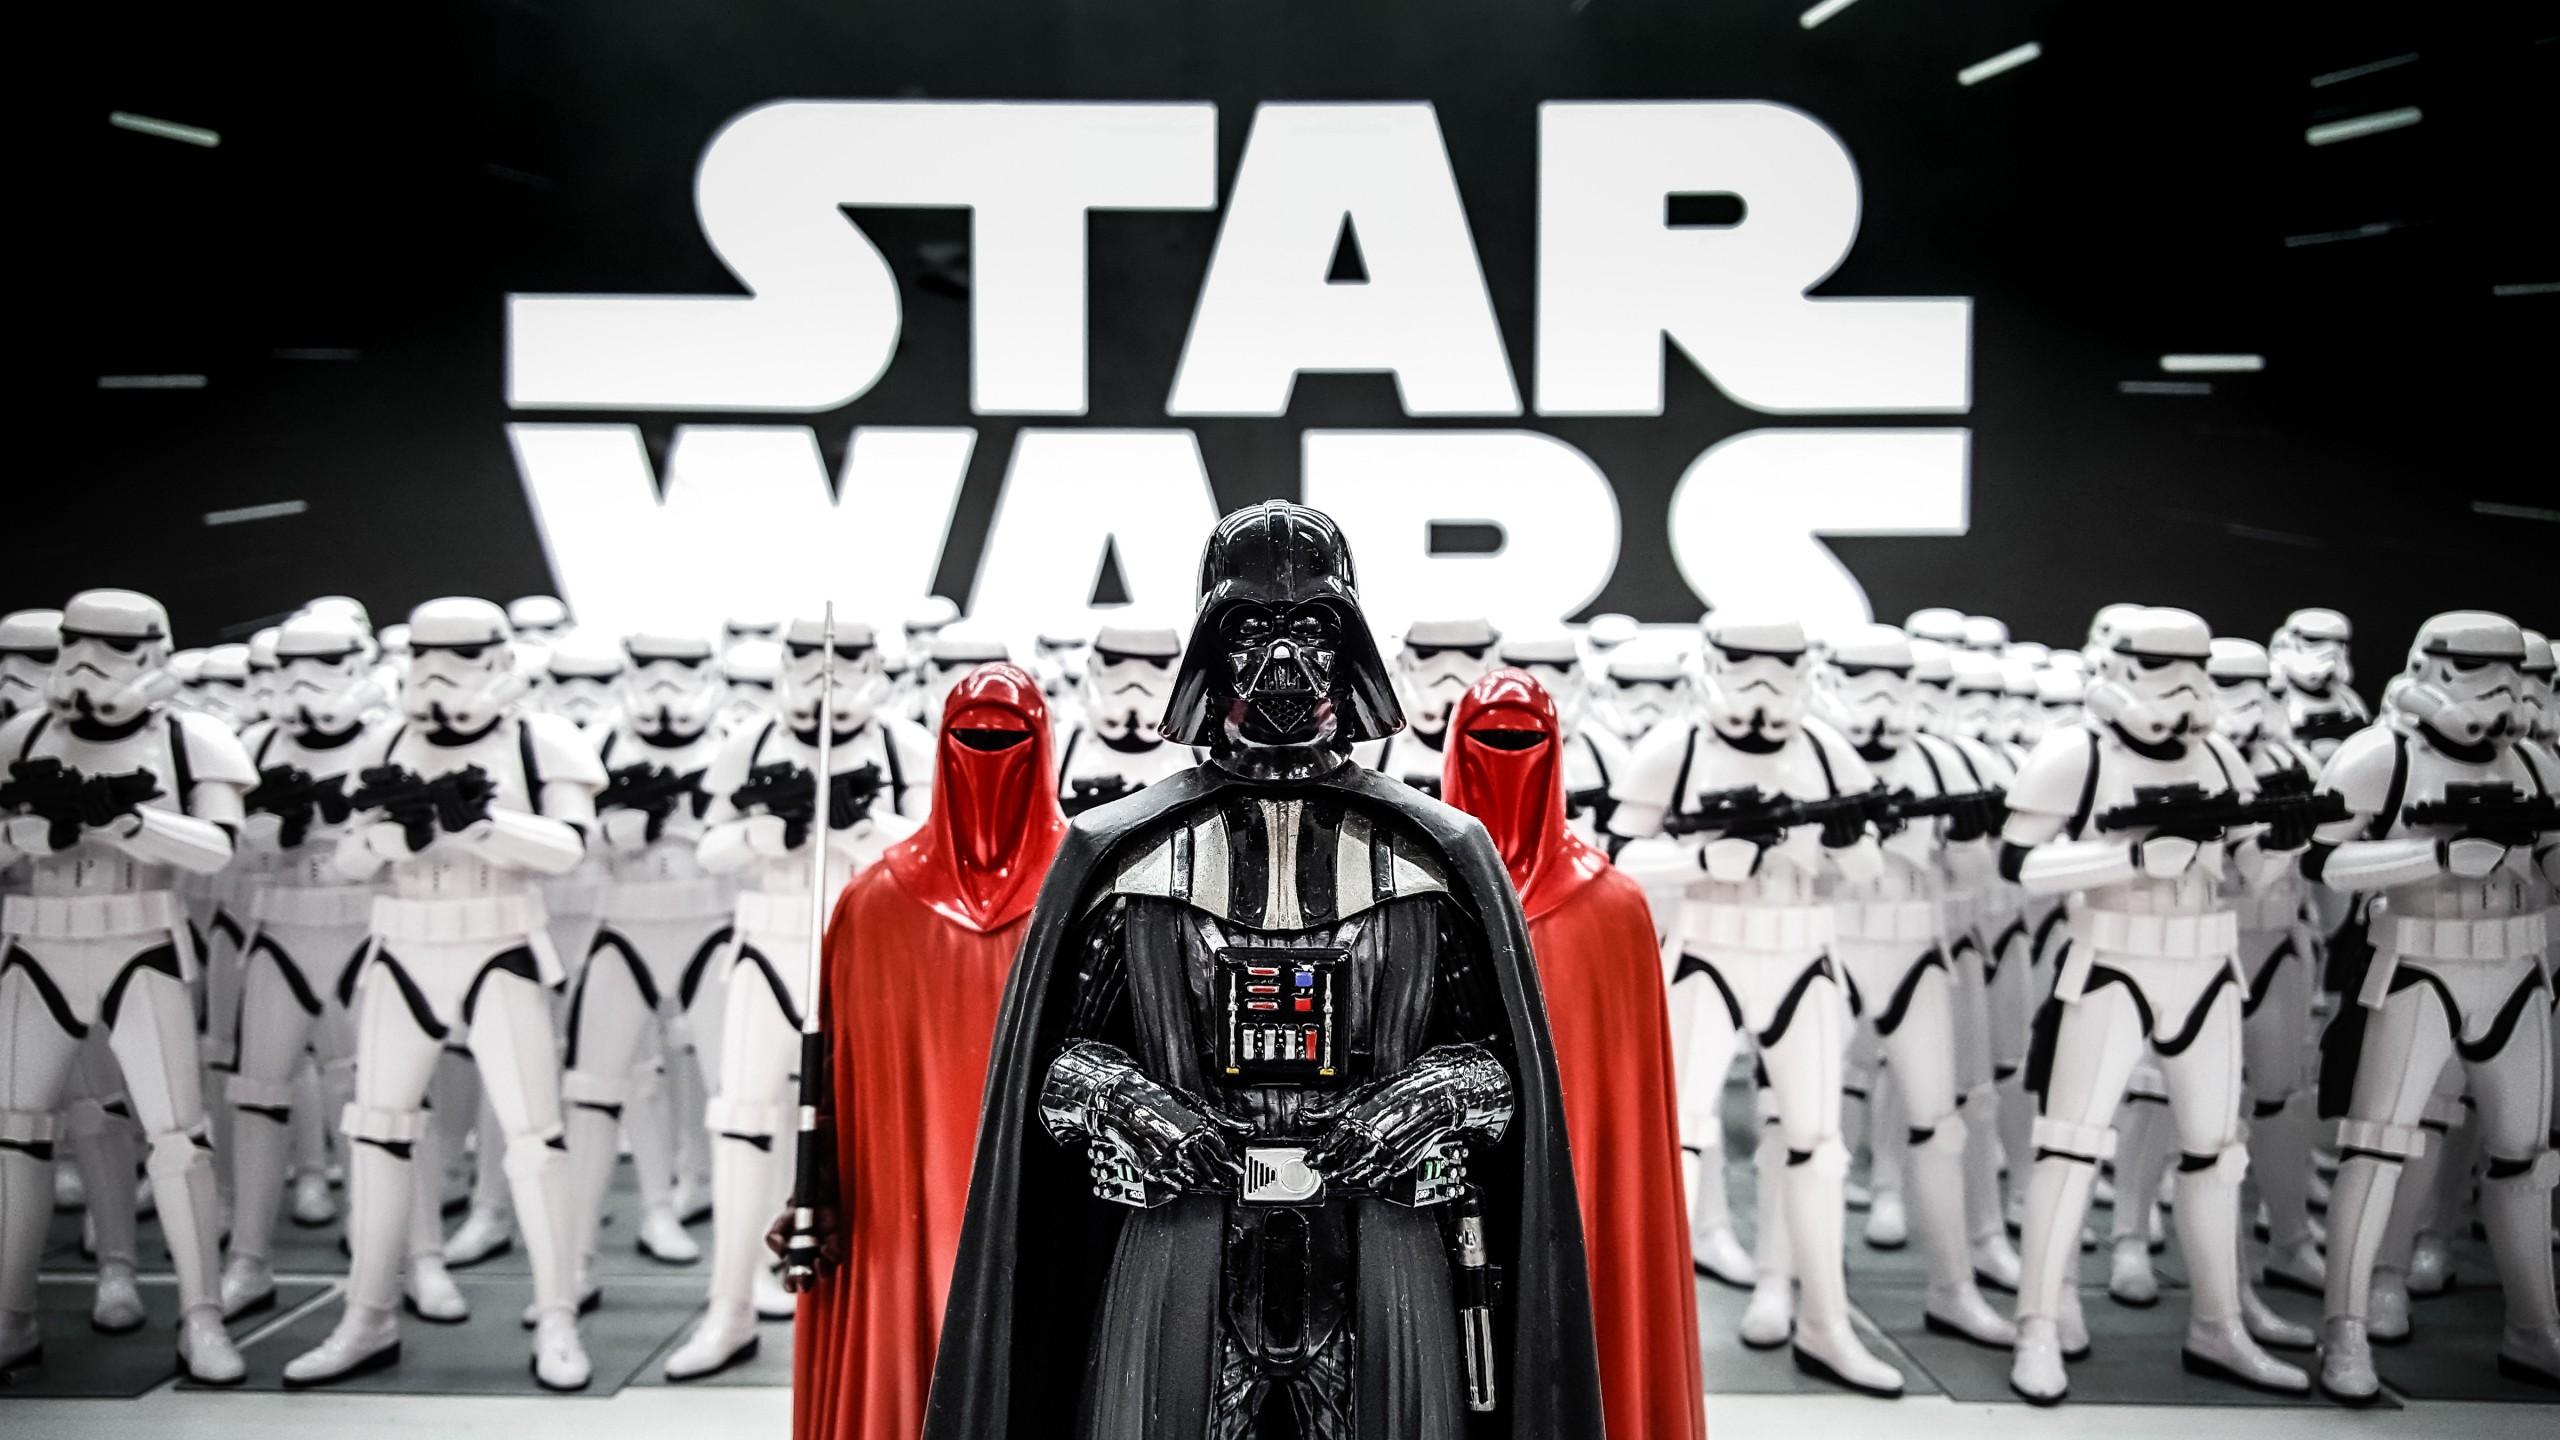 Wallpaper Darth Vader Figurine Star Wars Clone Trooper 5K Art 2560x1440